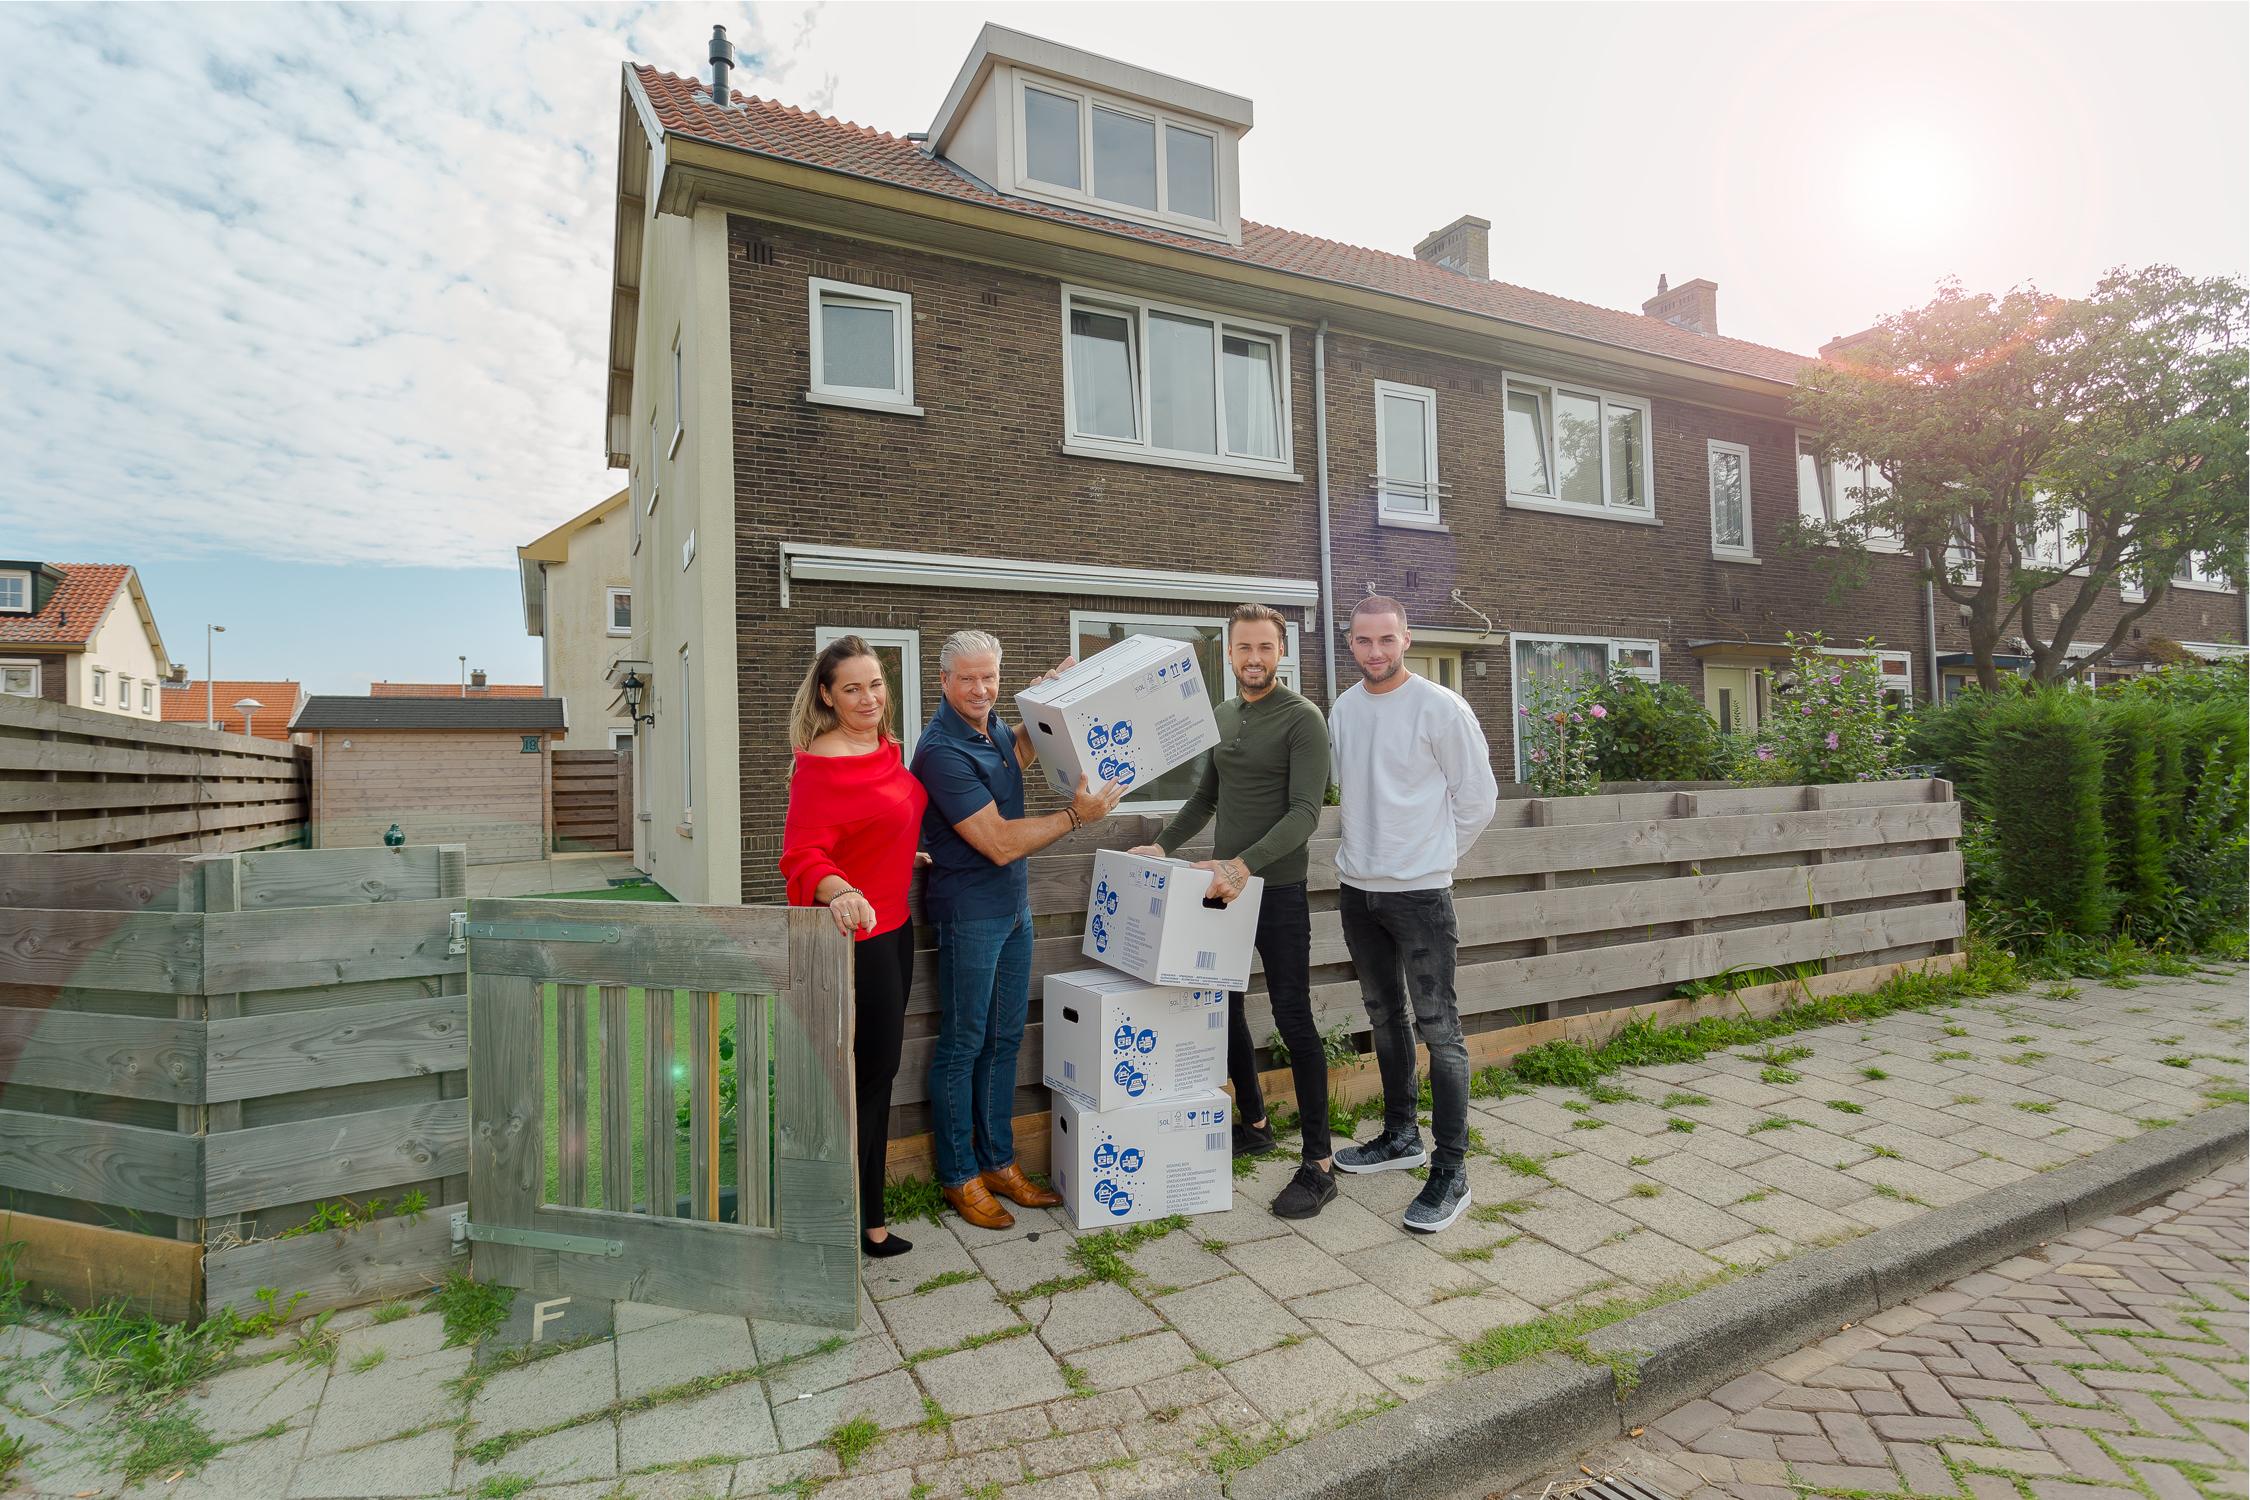 Showbizzfamilie Roelvink betrekt hun tijdelijke huis in Tuindorp-Oostzaan. (Foto: Wessel de Groot)